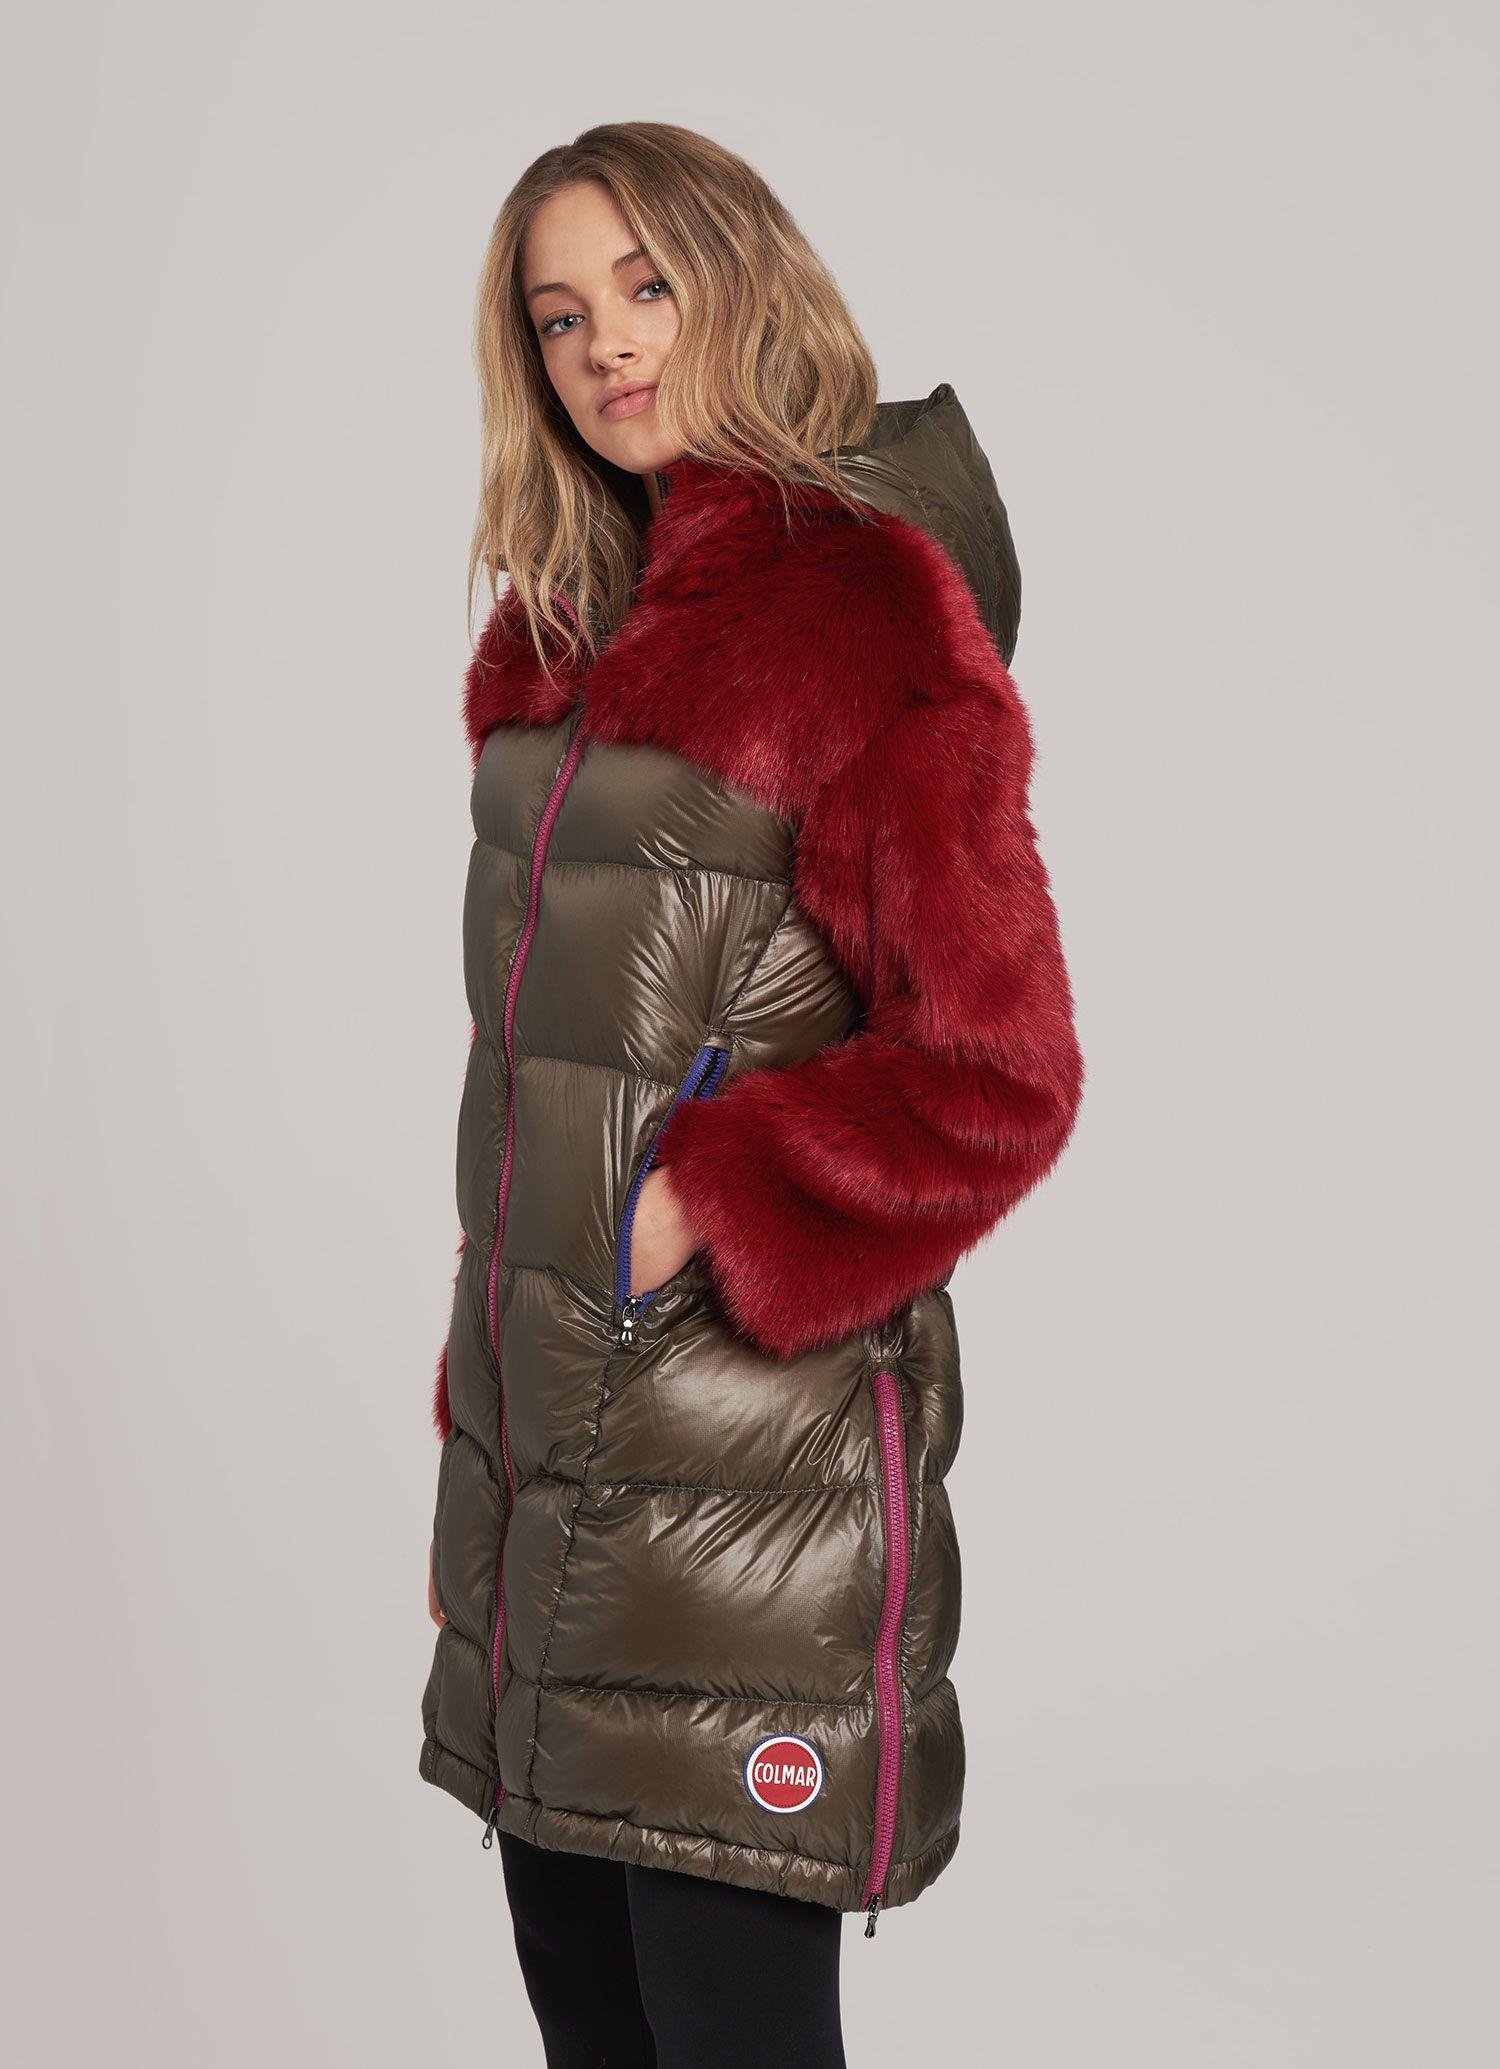 COLMAR Piumini Donna Collezione Inverno 2019 | The house of blog